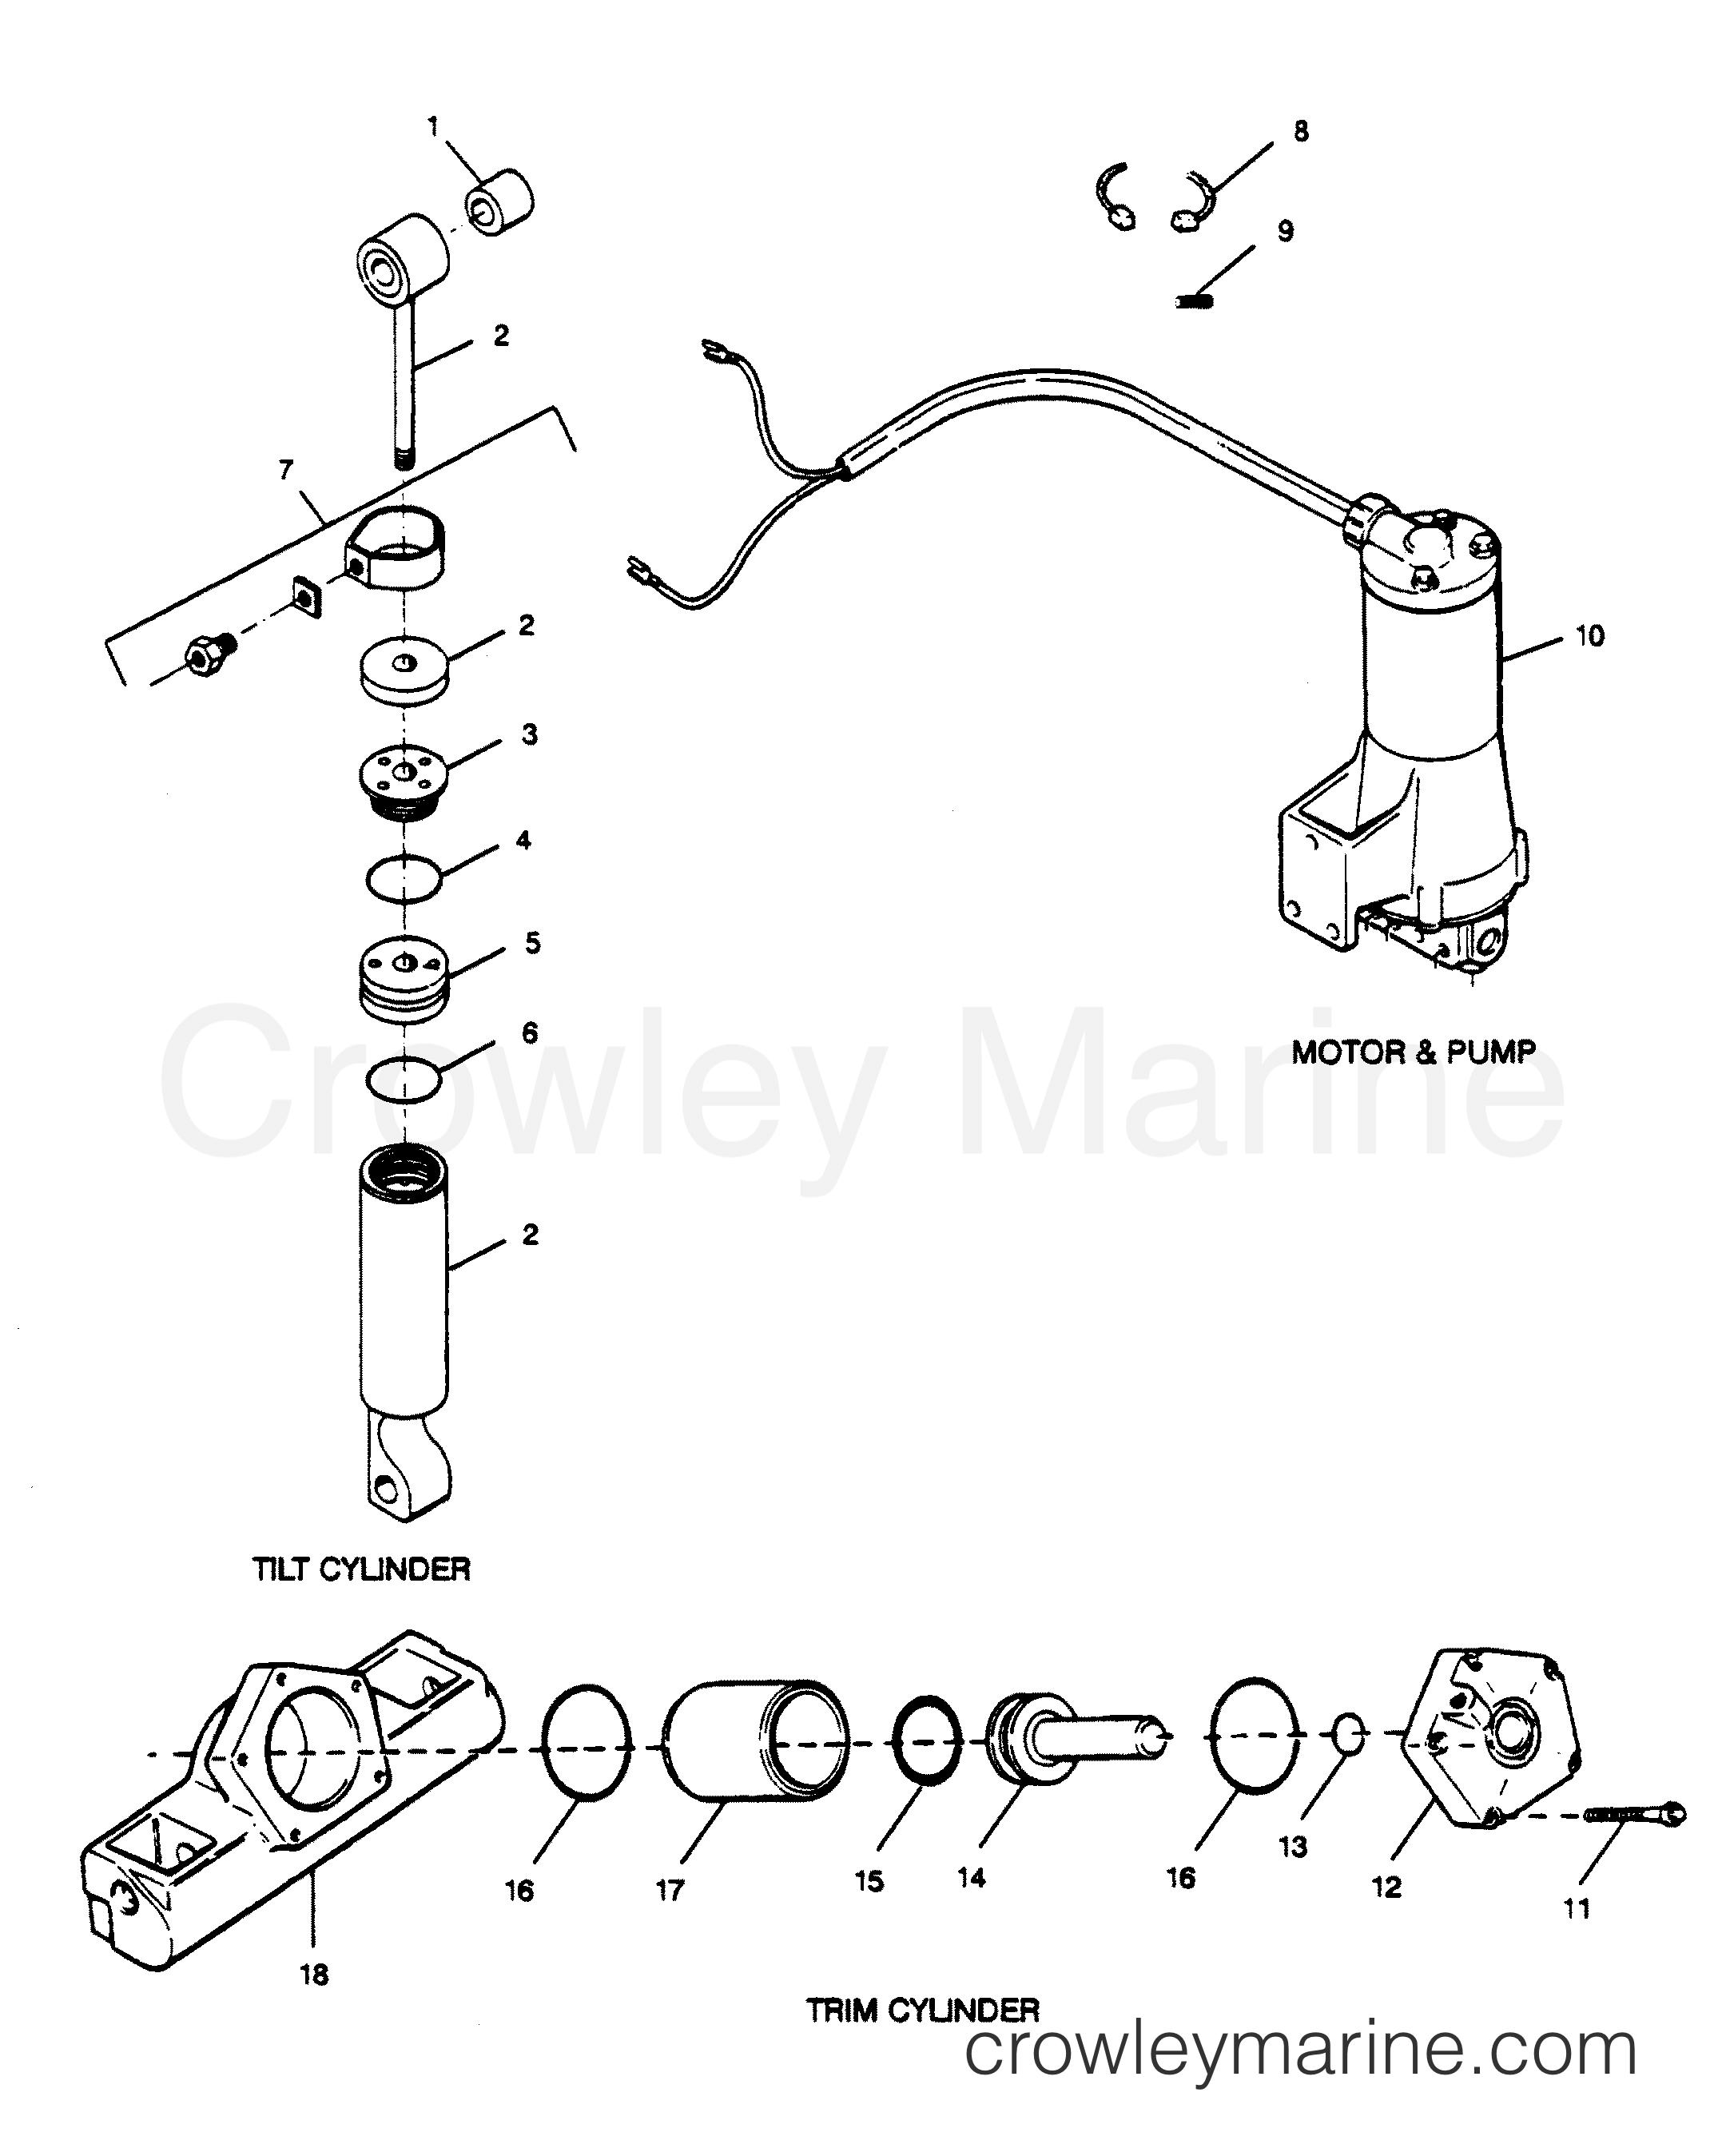 parts breakdown tilt cylinder  trim cylinder  motor  u0026 pump